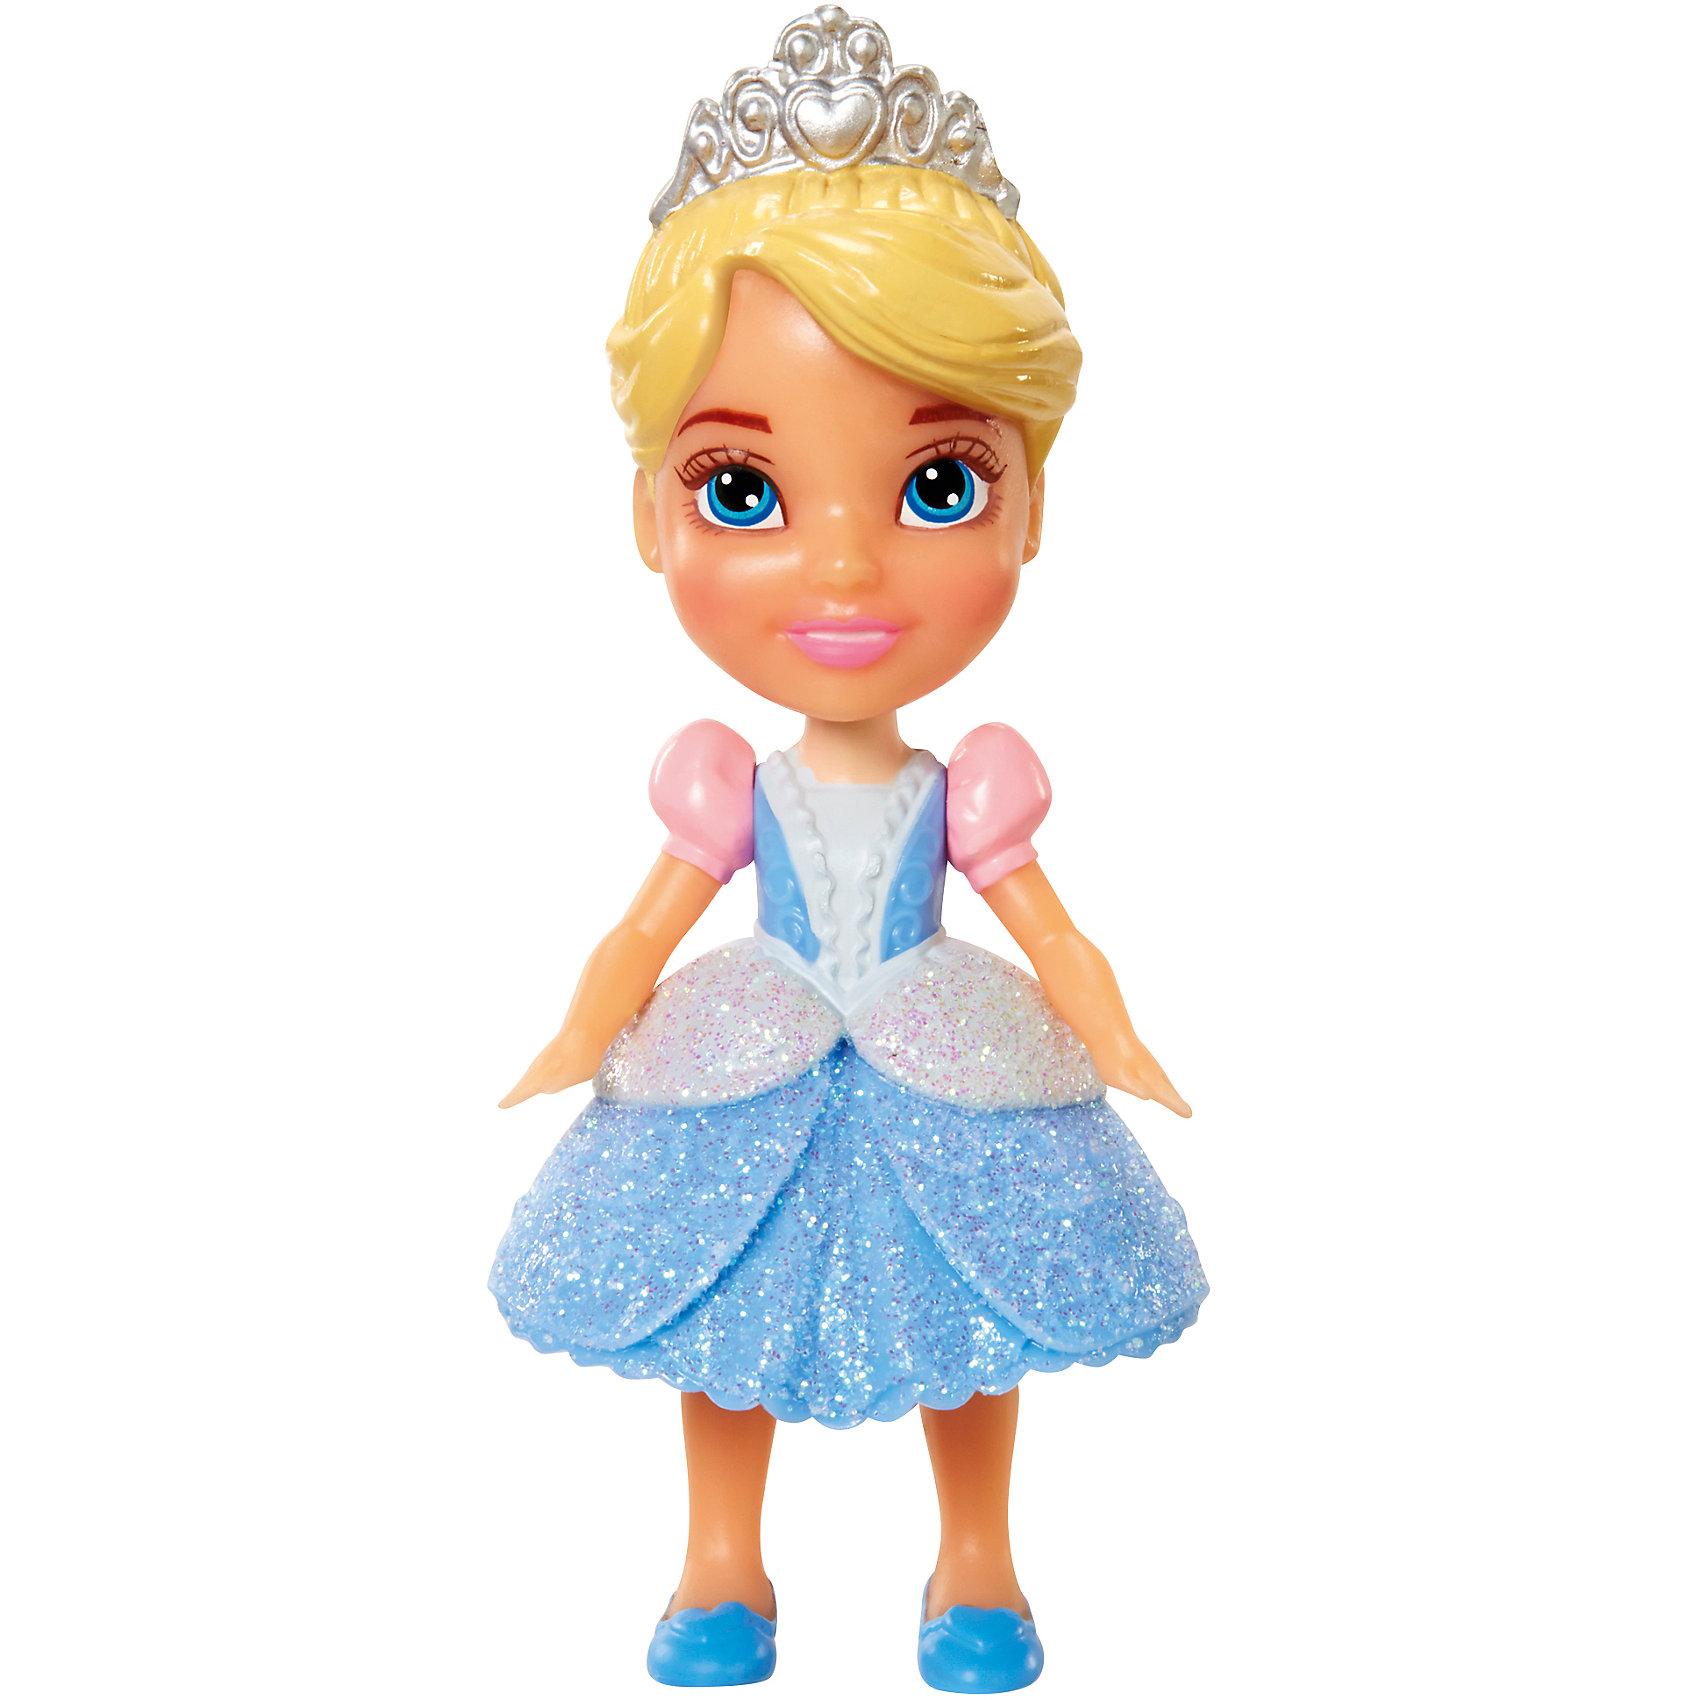 Мини-кукла Принцесса Диснея малышка - Золушка, 7.5 смХарактеристики товара:<br><br>• высота : 7,5 см<br>• размер упаковки: 11,5х5х4,5 см<br>• материал: пластик<br>• отличная детализация<br>• возраст: от трех лет<br>• комплектация: 1 кукла<br>• подвижные части тела: голова, руки и ноги<br><br>Игрушка в виде любимого героя - желанный подарок для малыша! Такая кукла сделана в виде маленькой принцессы из мультфильма Диснея - а их современные девочки просто обожают. Кукла очень качественно выполнена, благодаря подвижным деталям с ней можно придумать множество игр! Из таких кукол получится отличная коллекция!<br>Игра с куклами помогает девочкам развивать важные социальные навыки и способности, она активизирует мышление, формирует умение заботиться о других, логику, мелкую моторику и воображение, помогает проработать сценарии взаимодействия с людьми. Изделие производится из качественных сертифицированных материалов, безопасных даже для самых маленьких.<br><br>Куклу Золушка, 7,5 см, Принцессы Дисней, можно купить в нашем интернет-магазине.<br><br>Ширина мм: 50<br>Глубина мм: 110<br>Высота мм: 55<br>Вес г: 68<br>Возраст от месяцев: 36<br>Возраст до месяцев: 2147483647<br>Пол: Женский<br>Возраст: Детский<br>SKU: 5227293